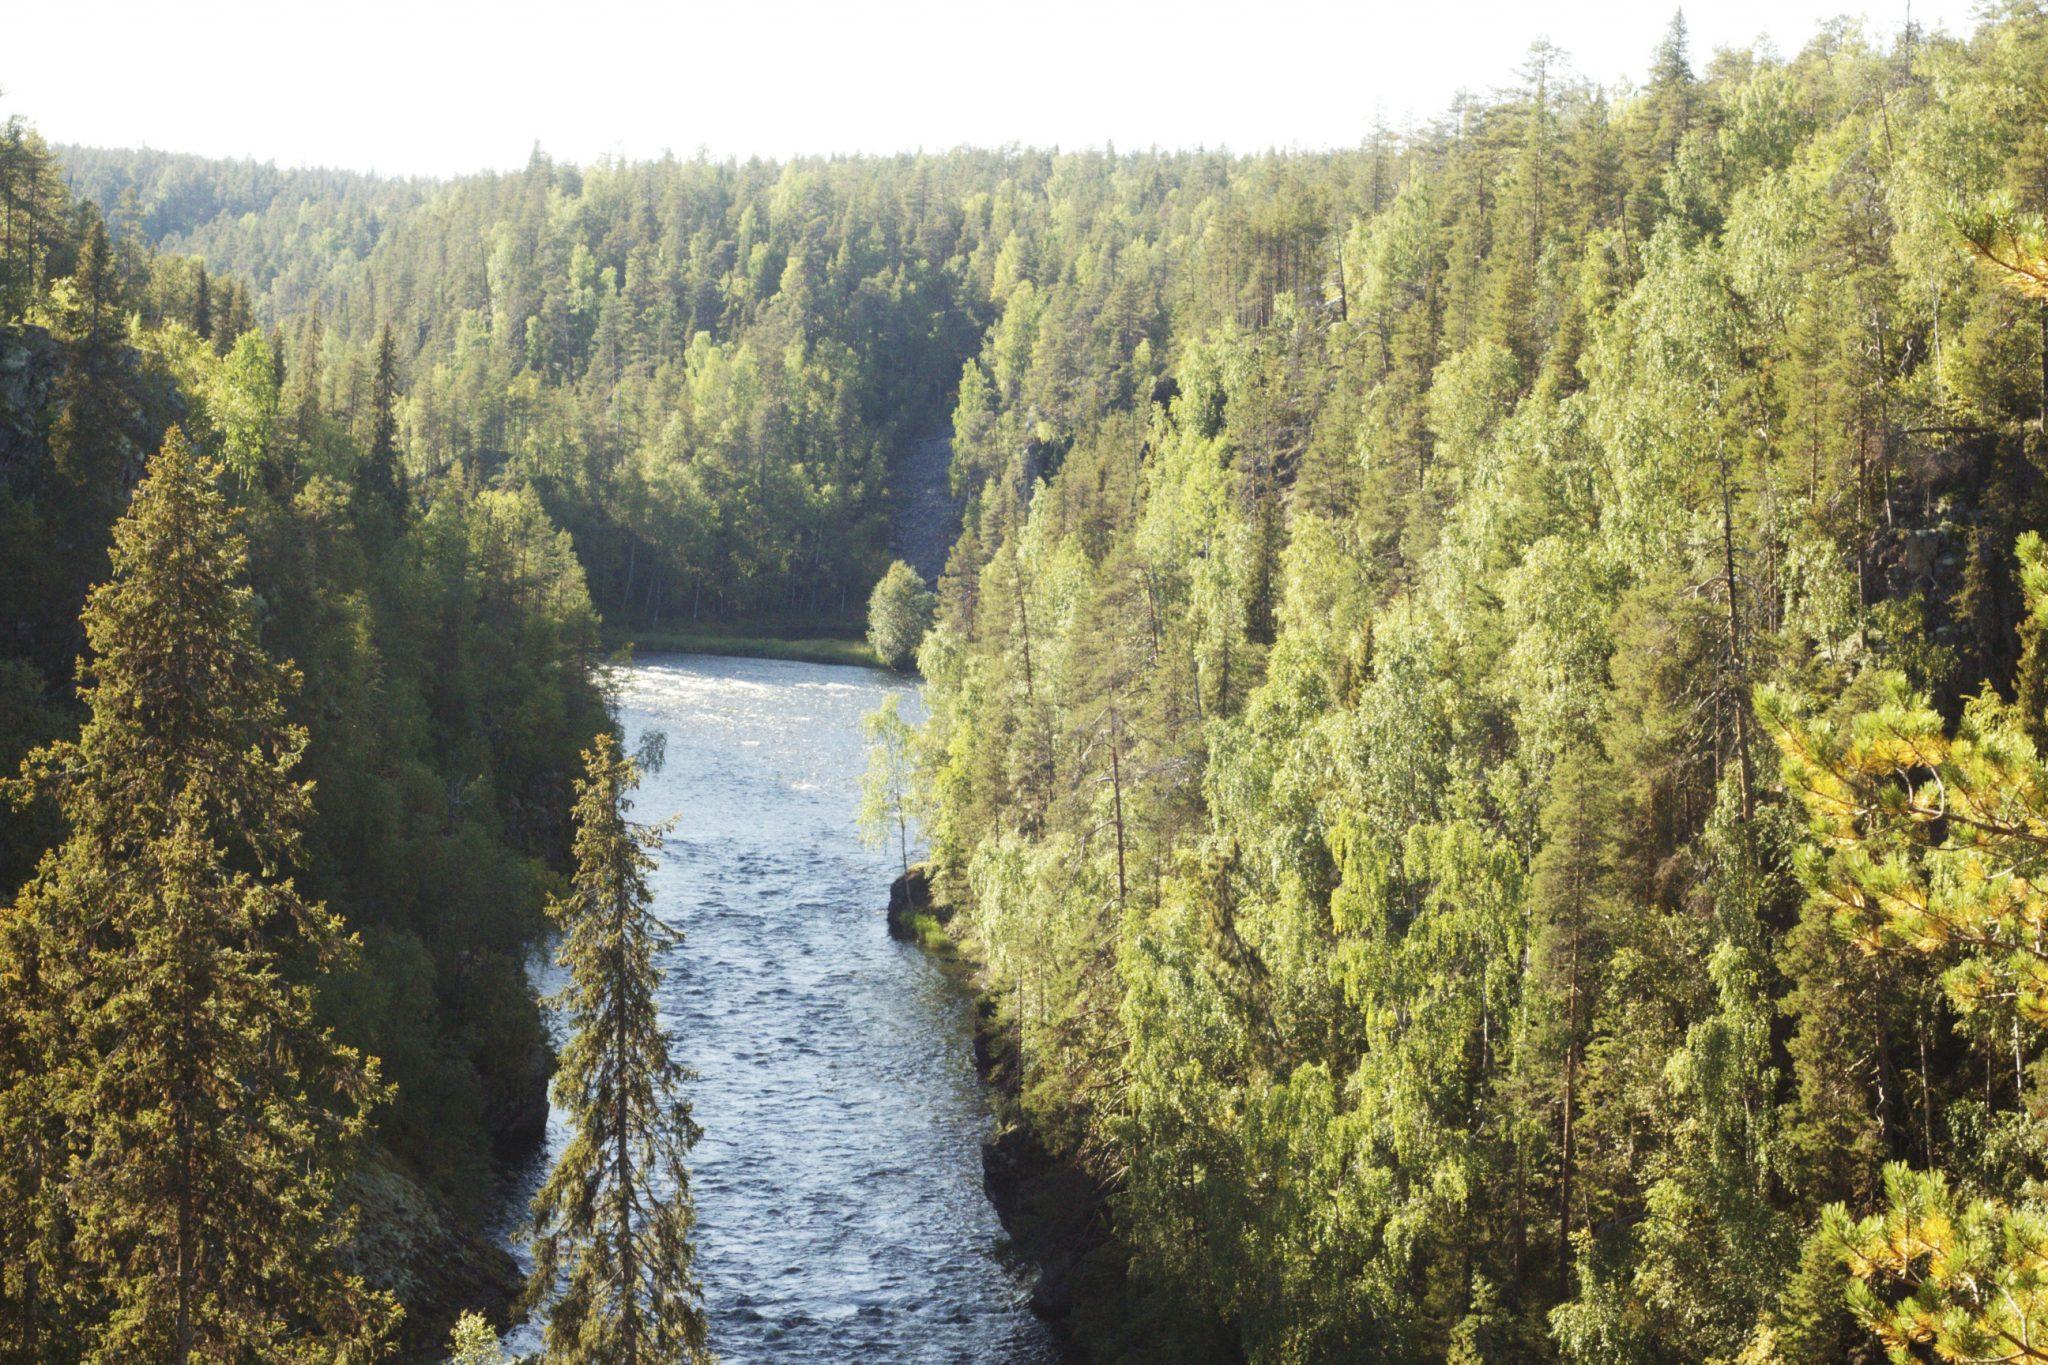 pieni karhunkierros, oulanka national park, vaeltaminen Kuusamossa, hiking in finland